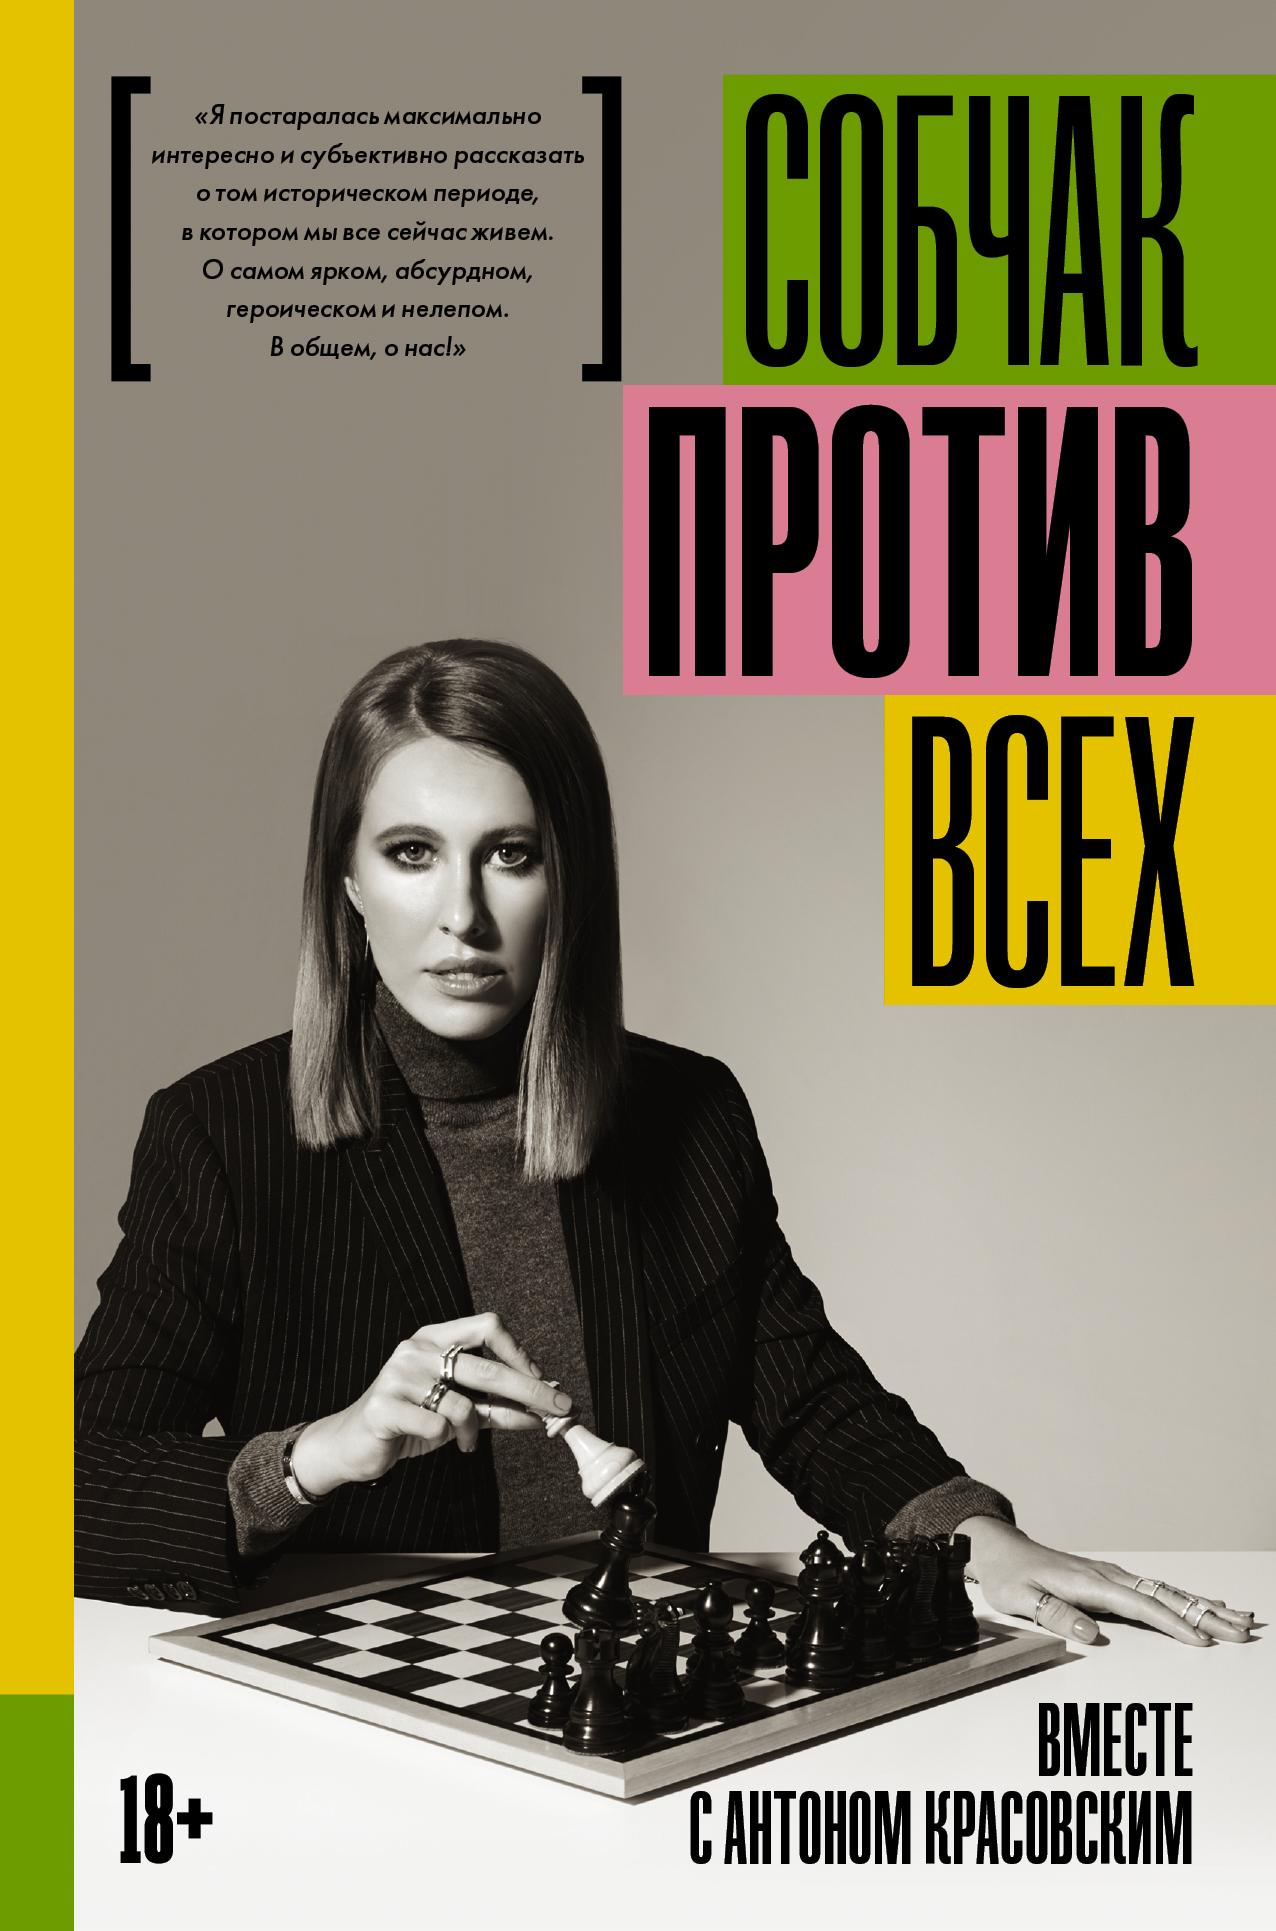 Ксения Собчак Против всех алексей челноков ксения собчак проект против всех